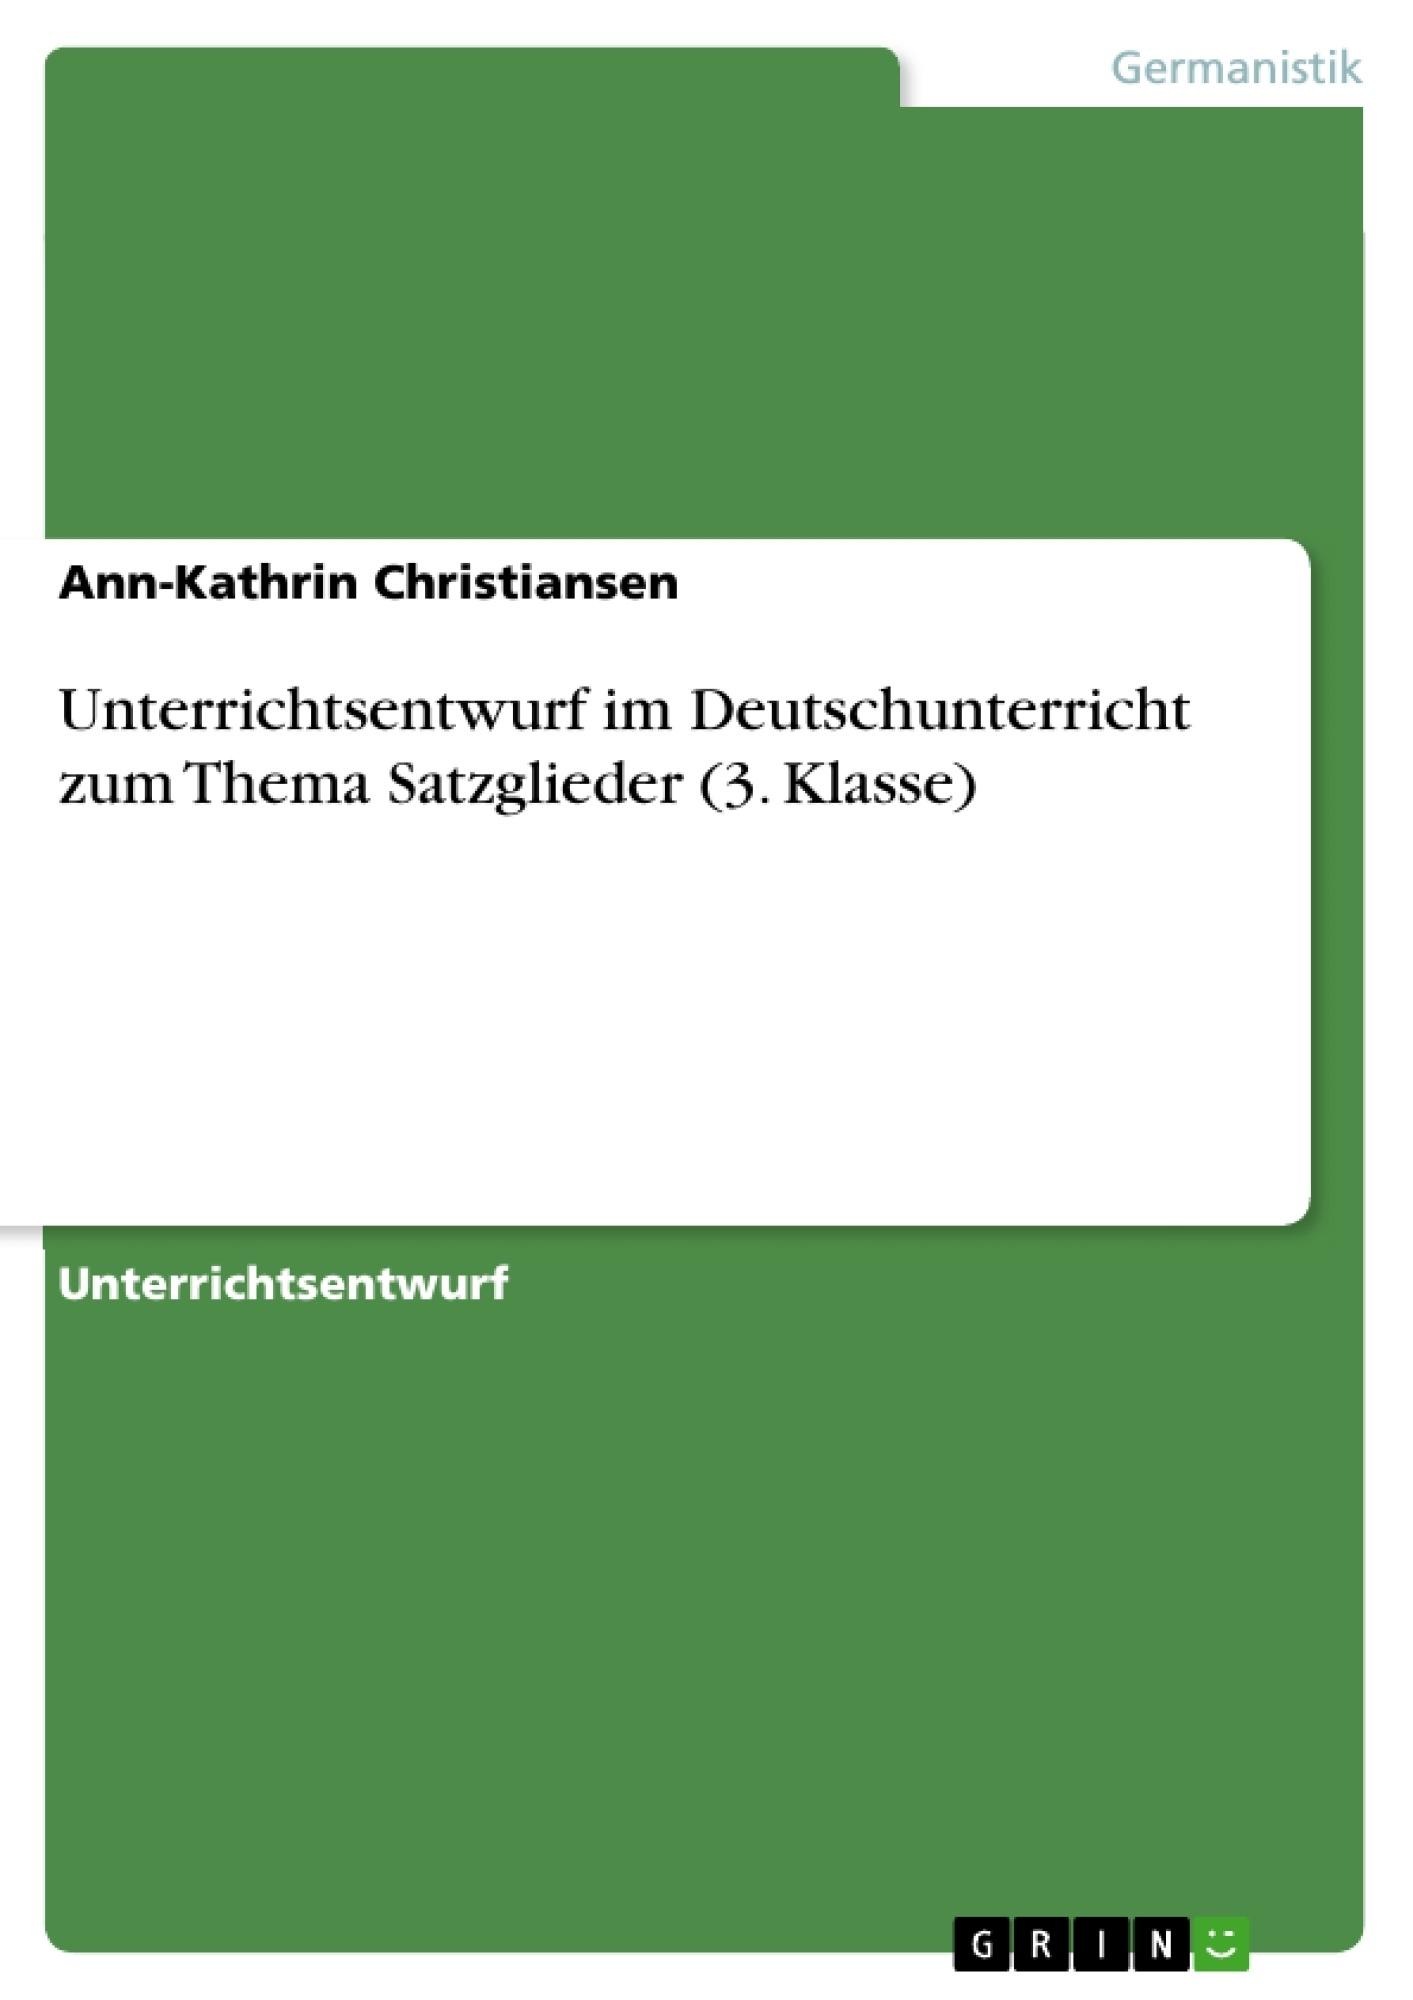 Titel: Unterrichtsentwurf im Deutschunterricht zum Thema Satzglieder (3. Klasse)